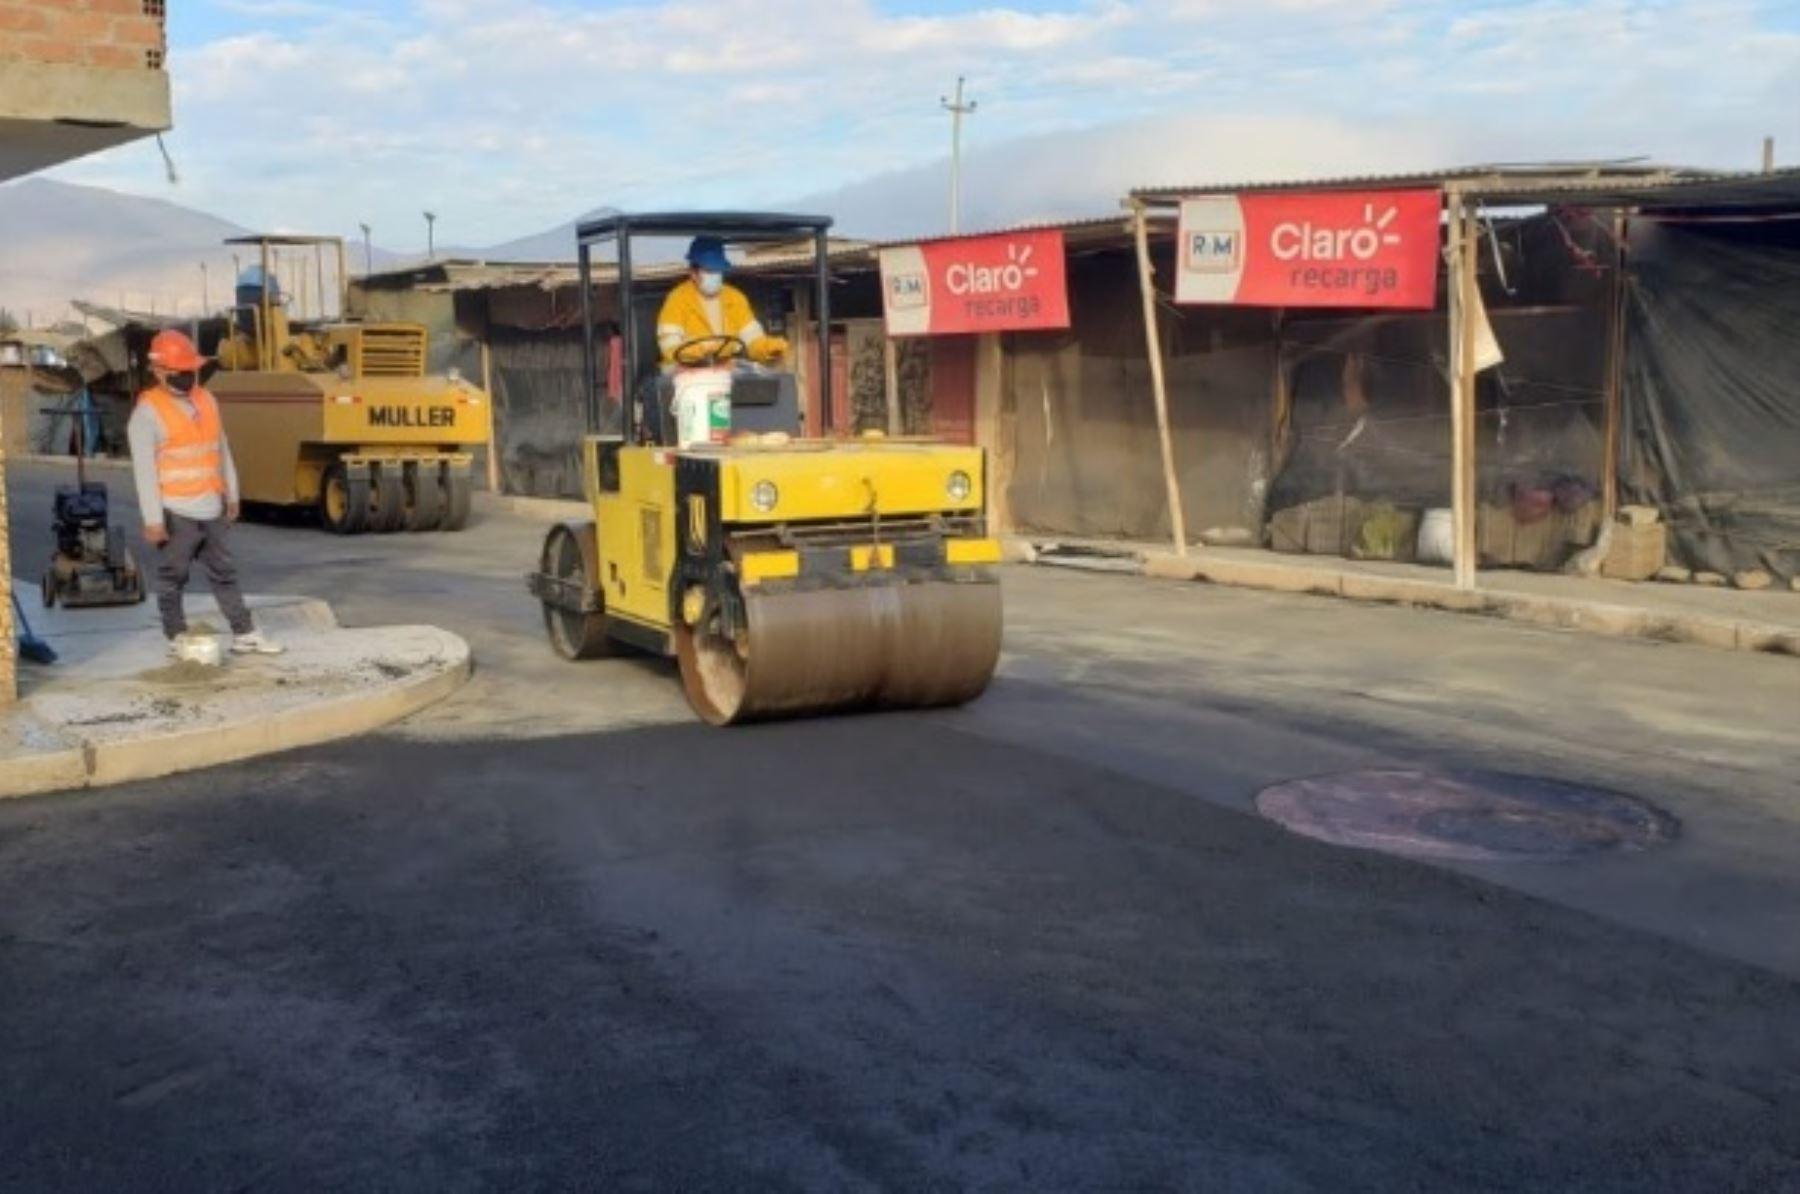 Reanudación de obras financiadas por la Autoridad para la Reconstrucción con Cambios (ARRC) en Ayacucho y Áncash. Foto: Autoridad para la Reconstrucción con Cambios